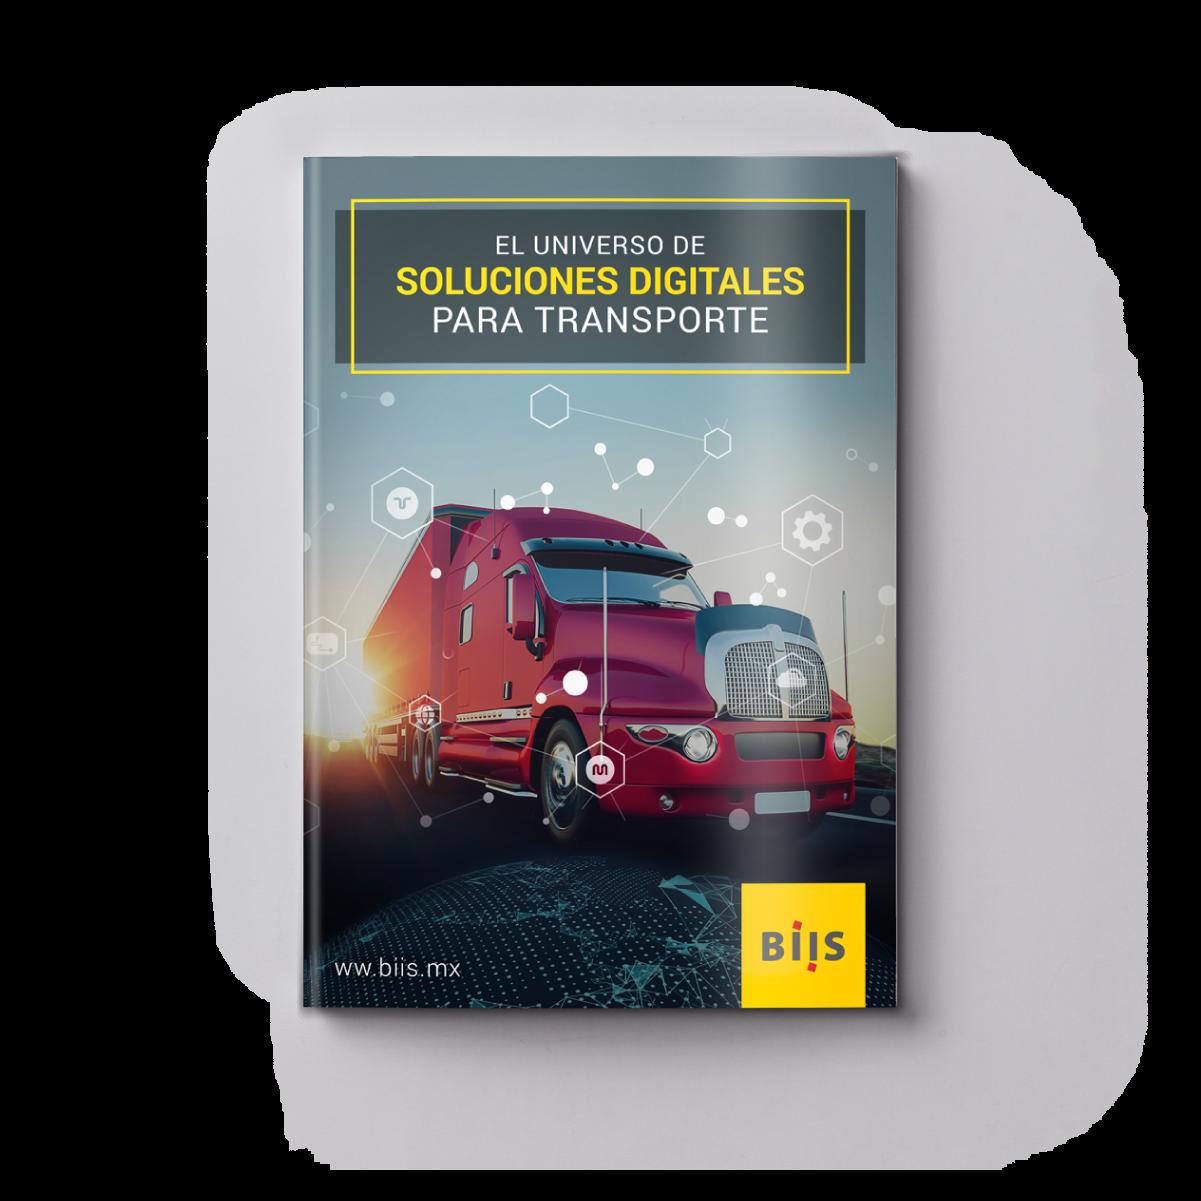 El universo de soluciones digitales para transporte